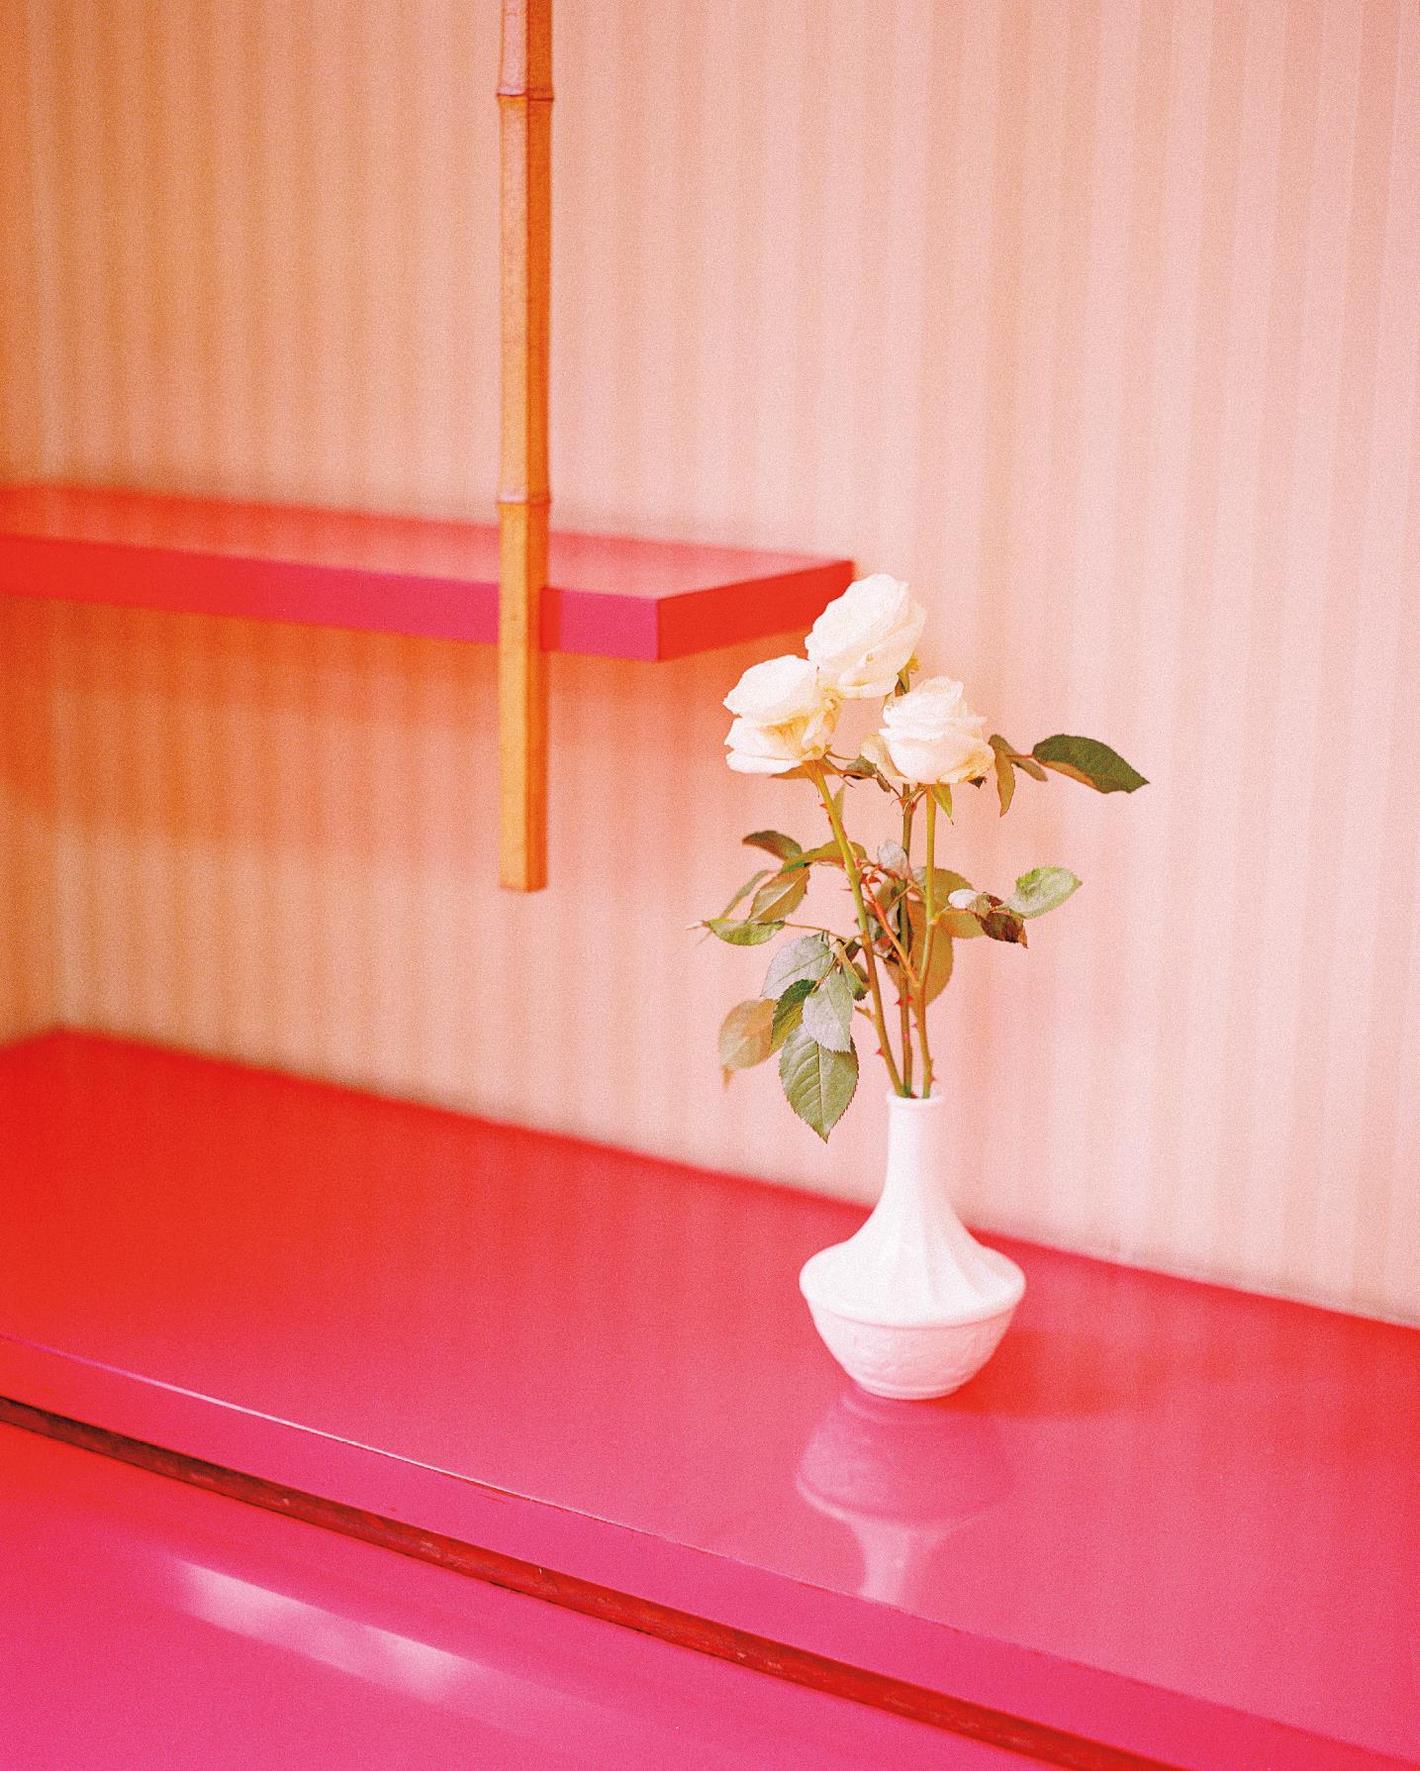 Kazuyoshi Usui-White Roses From Showa88-2011